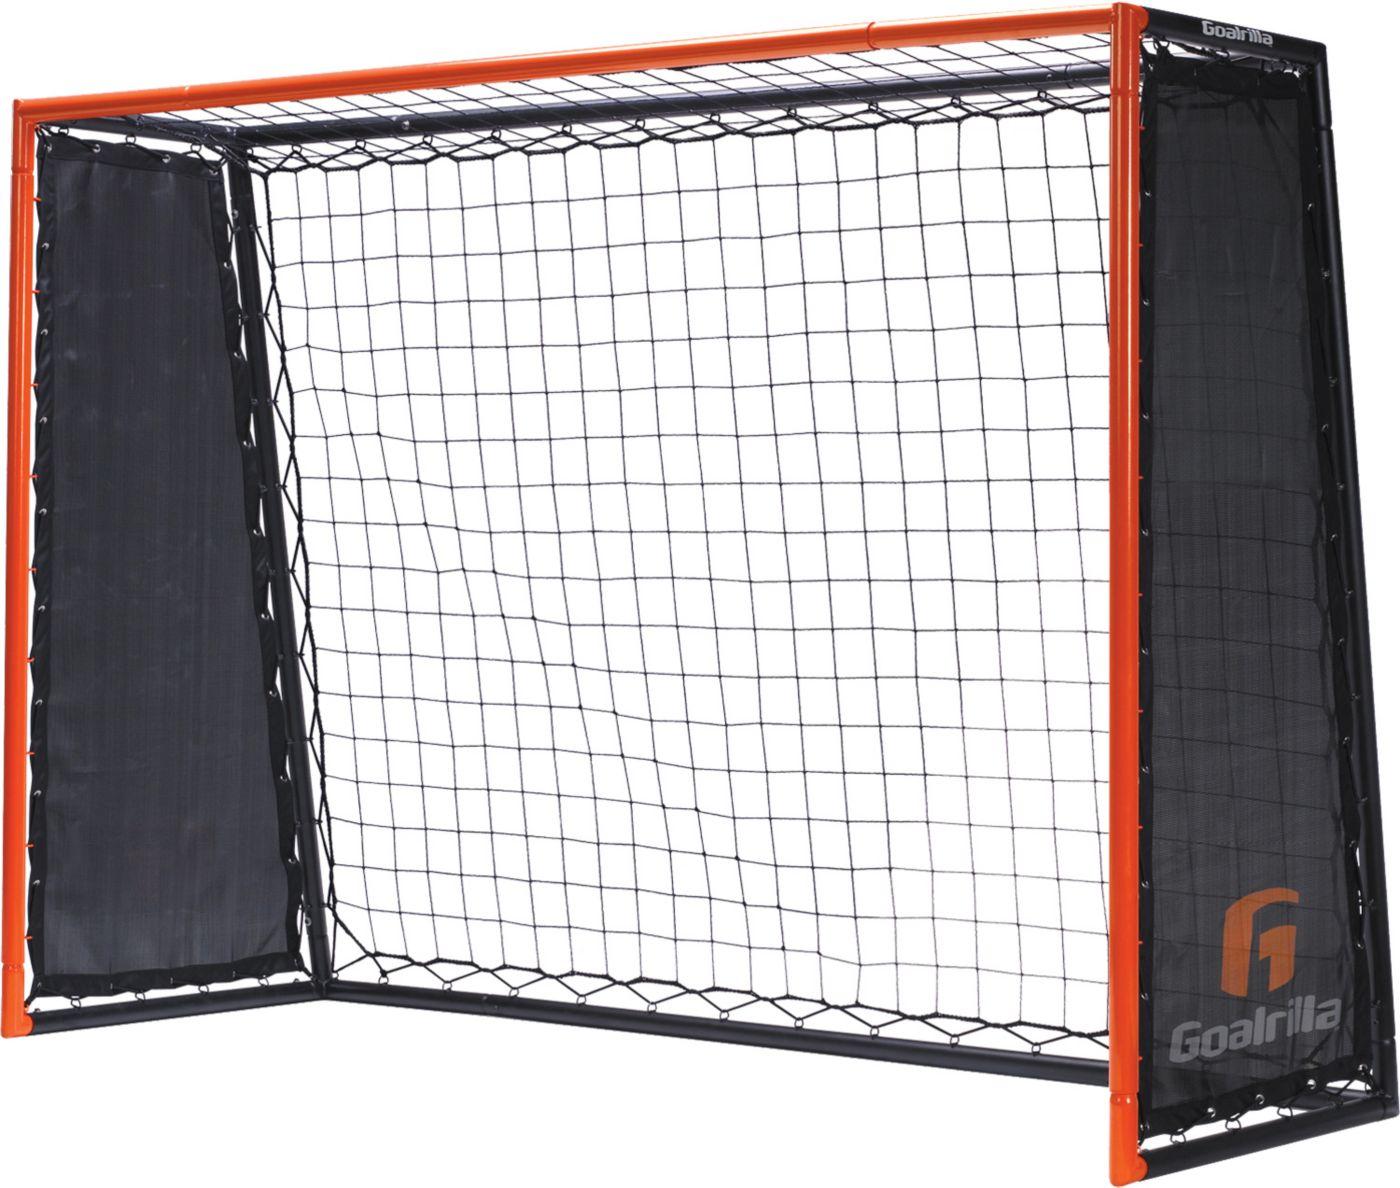 Goalrilla 5' x 7' Dual-Rebound Striker Soccer Trainer